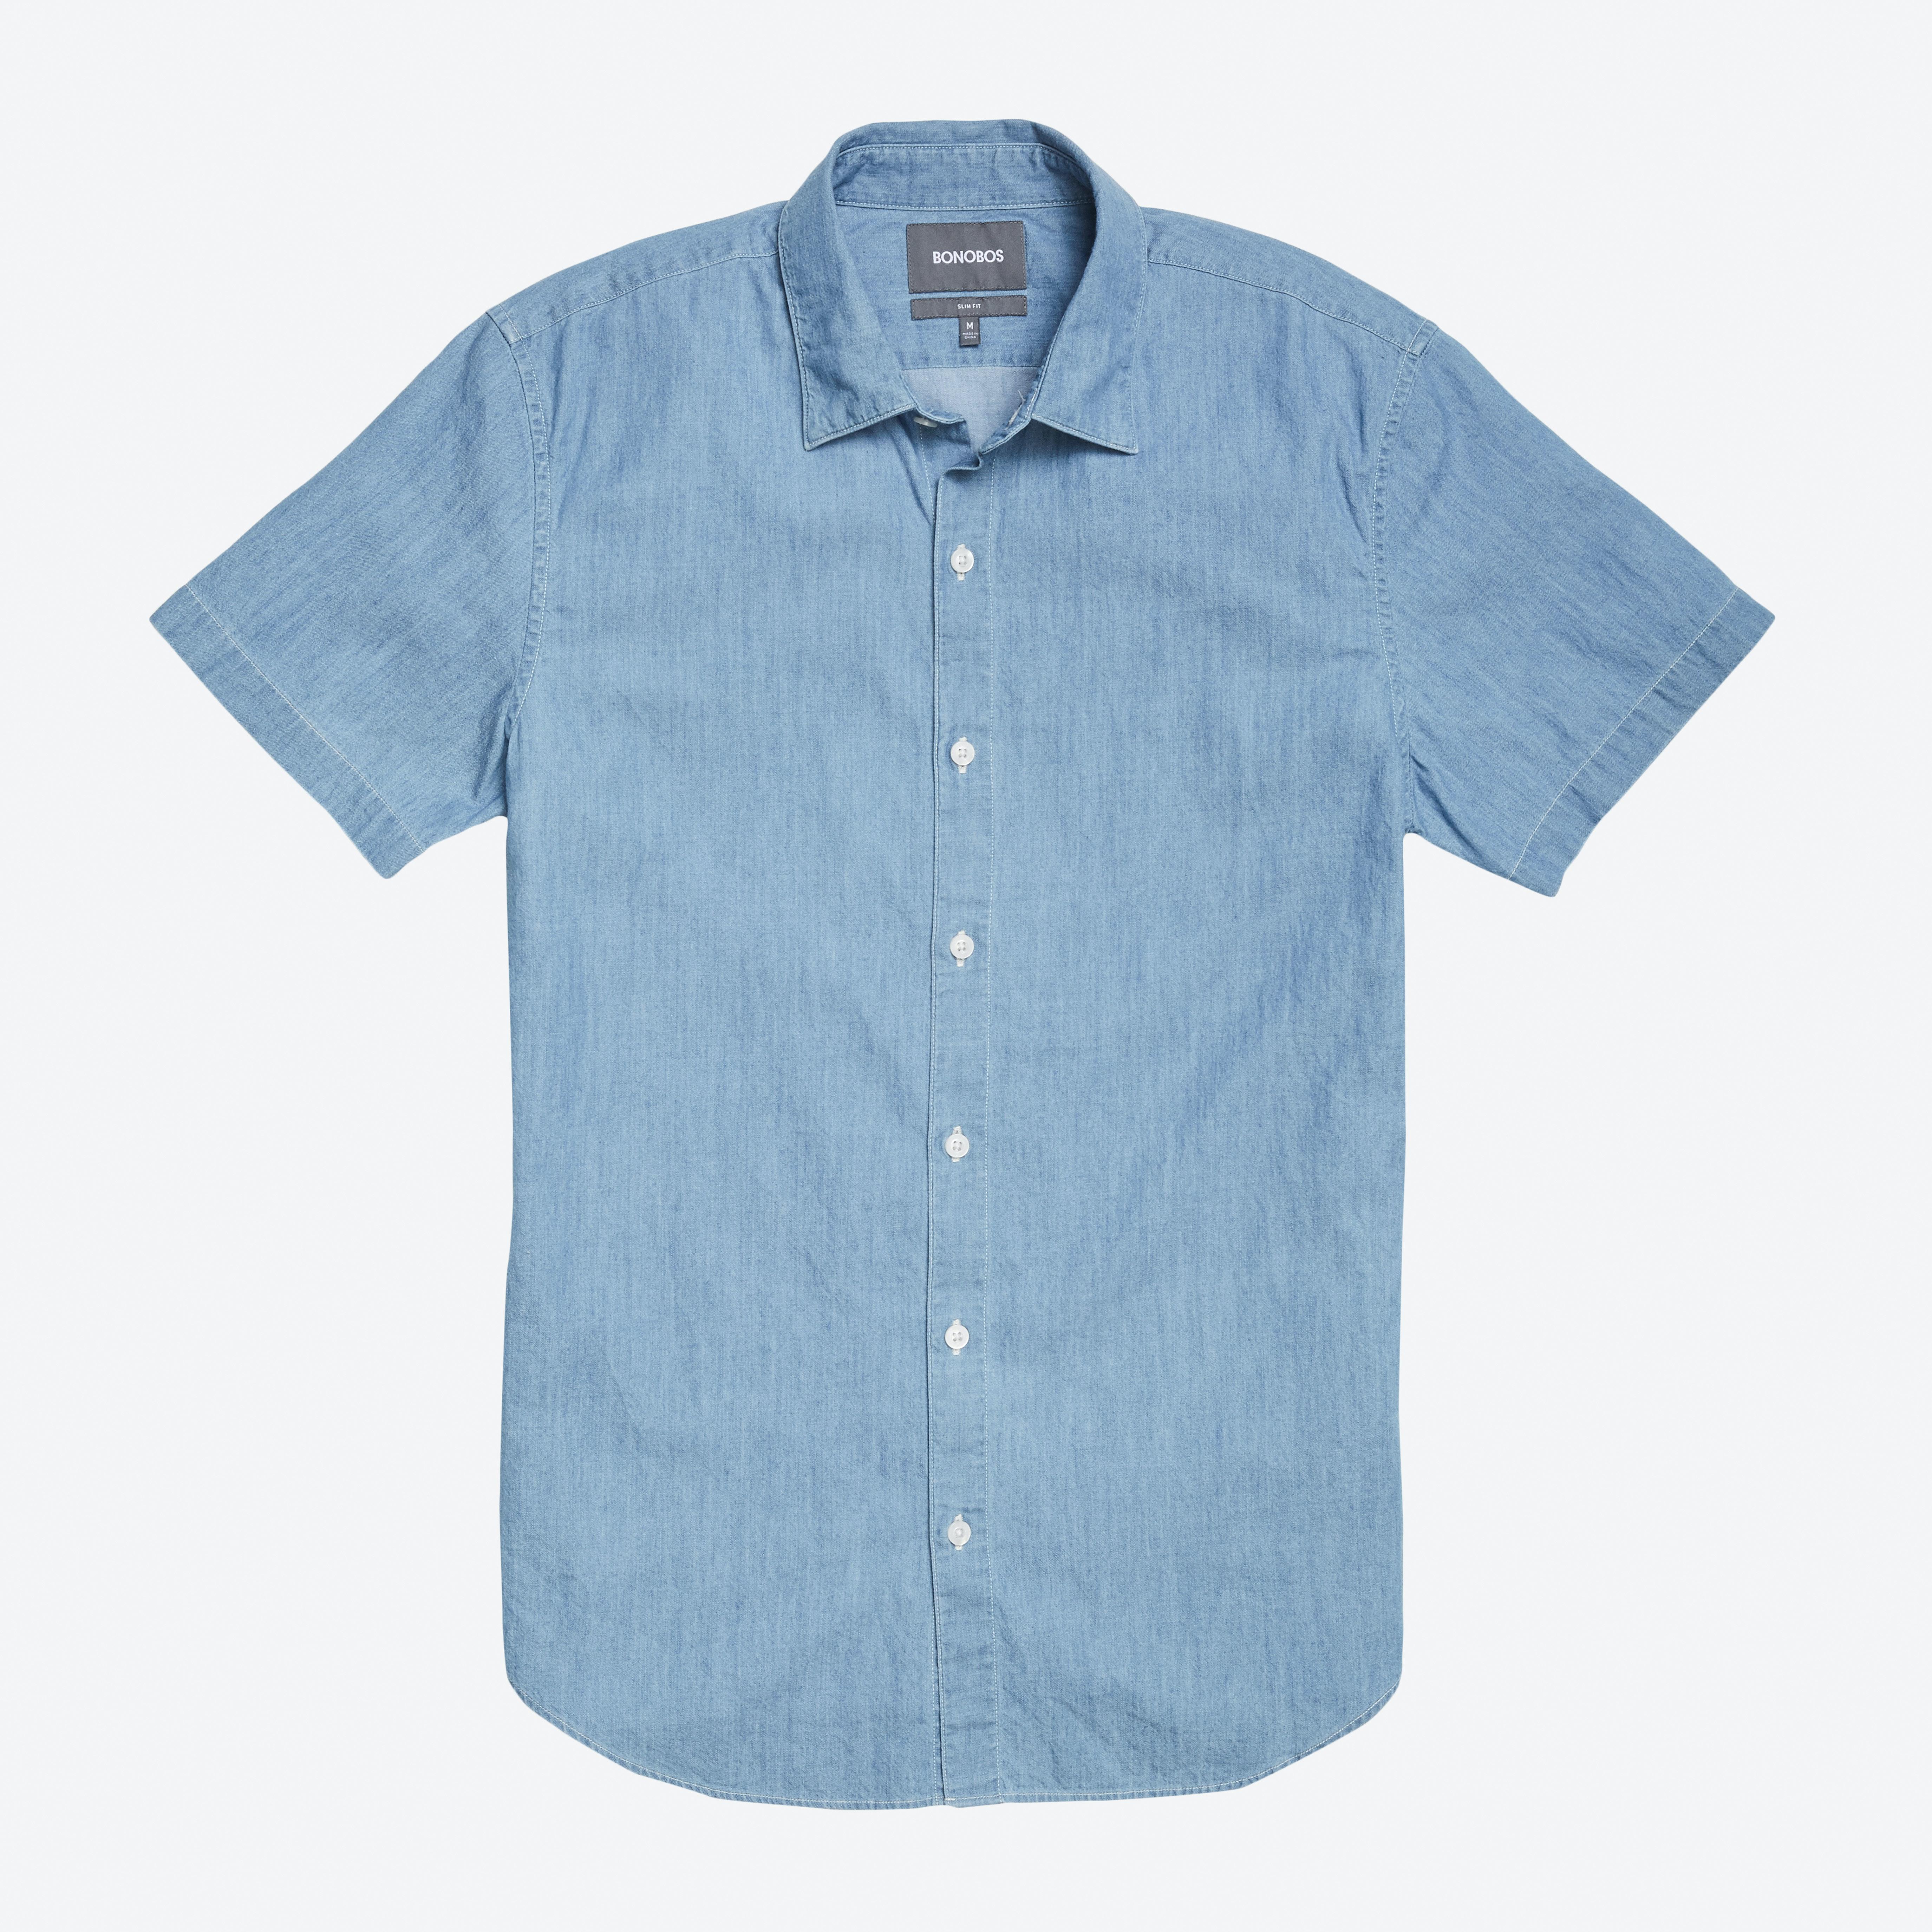 Short Sleeve Clothing